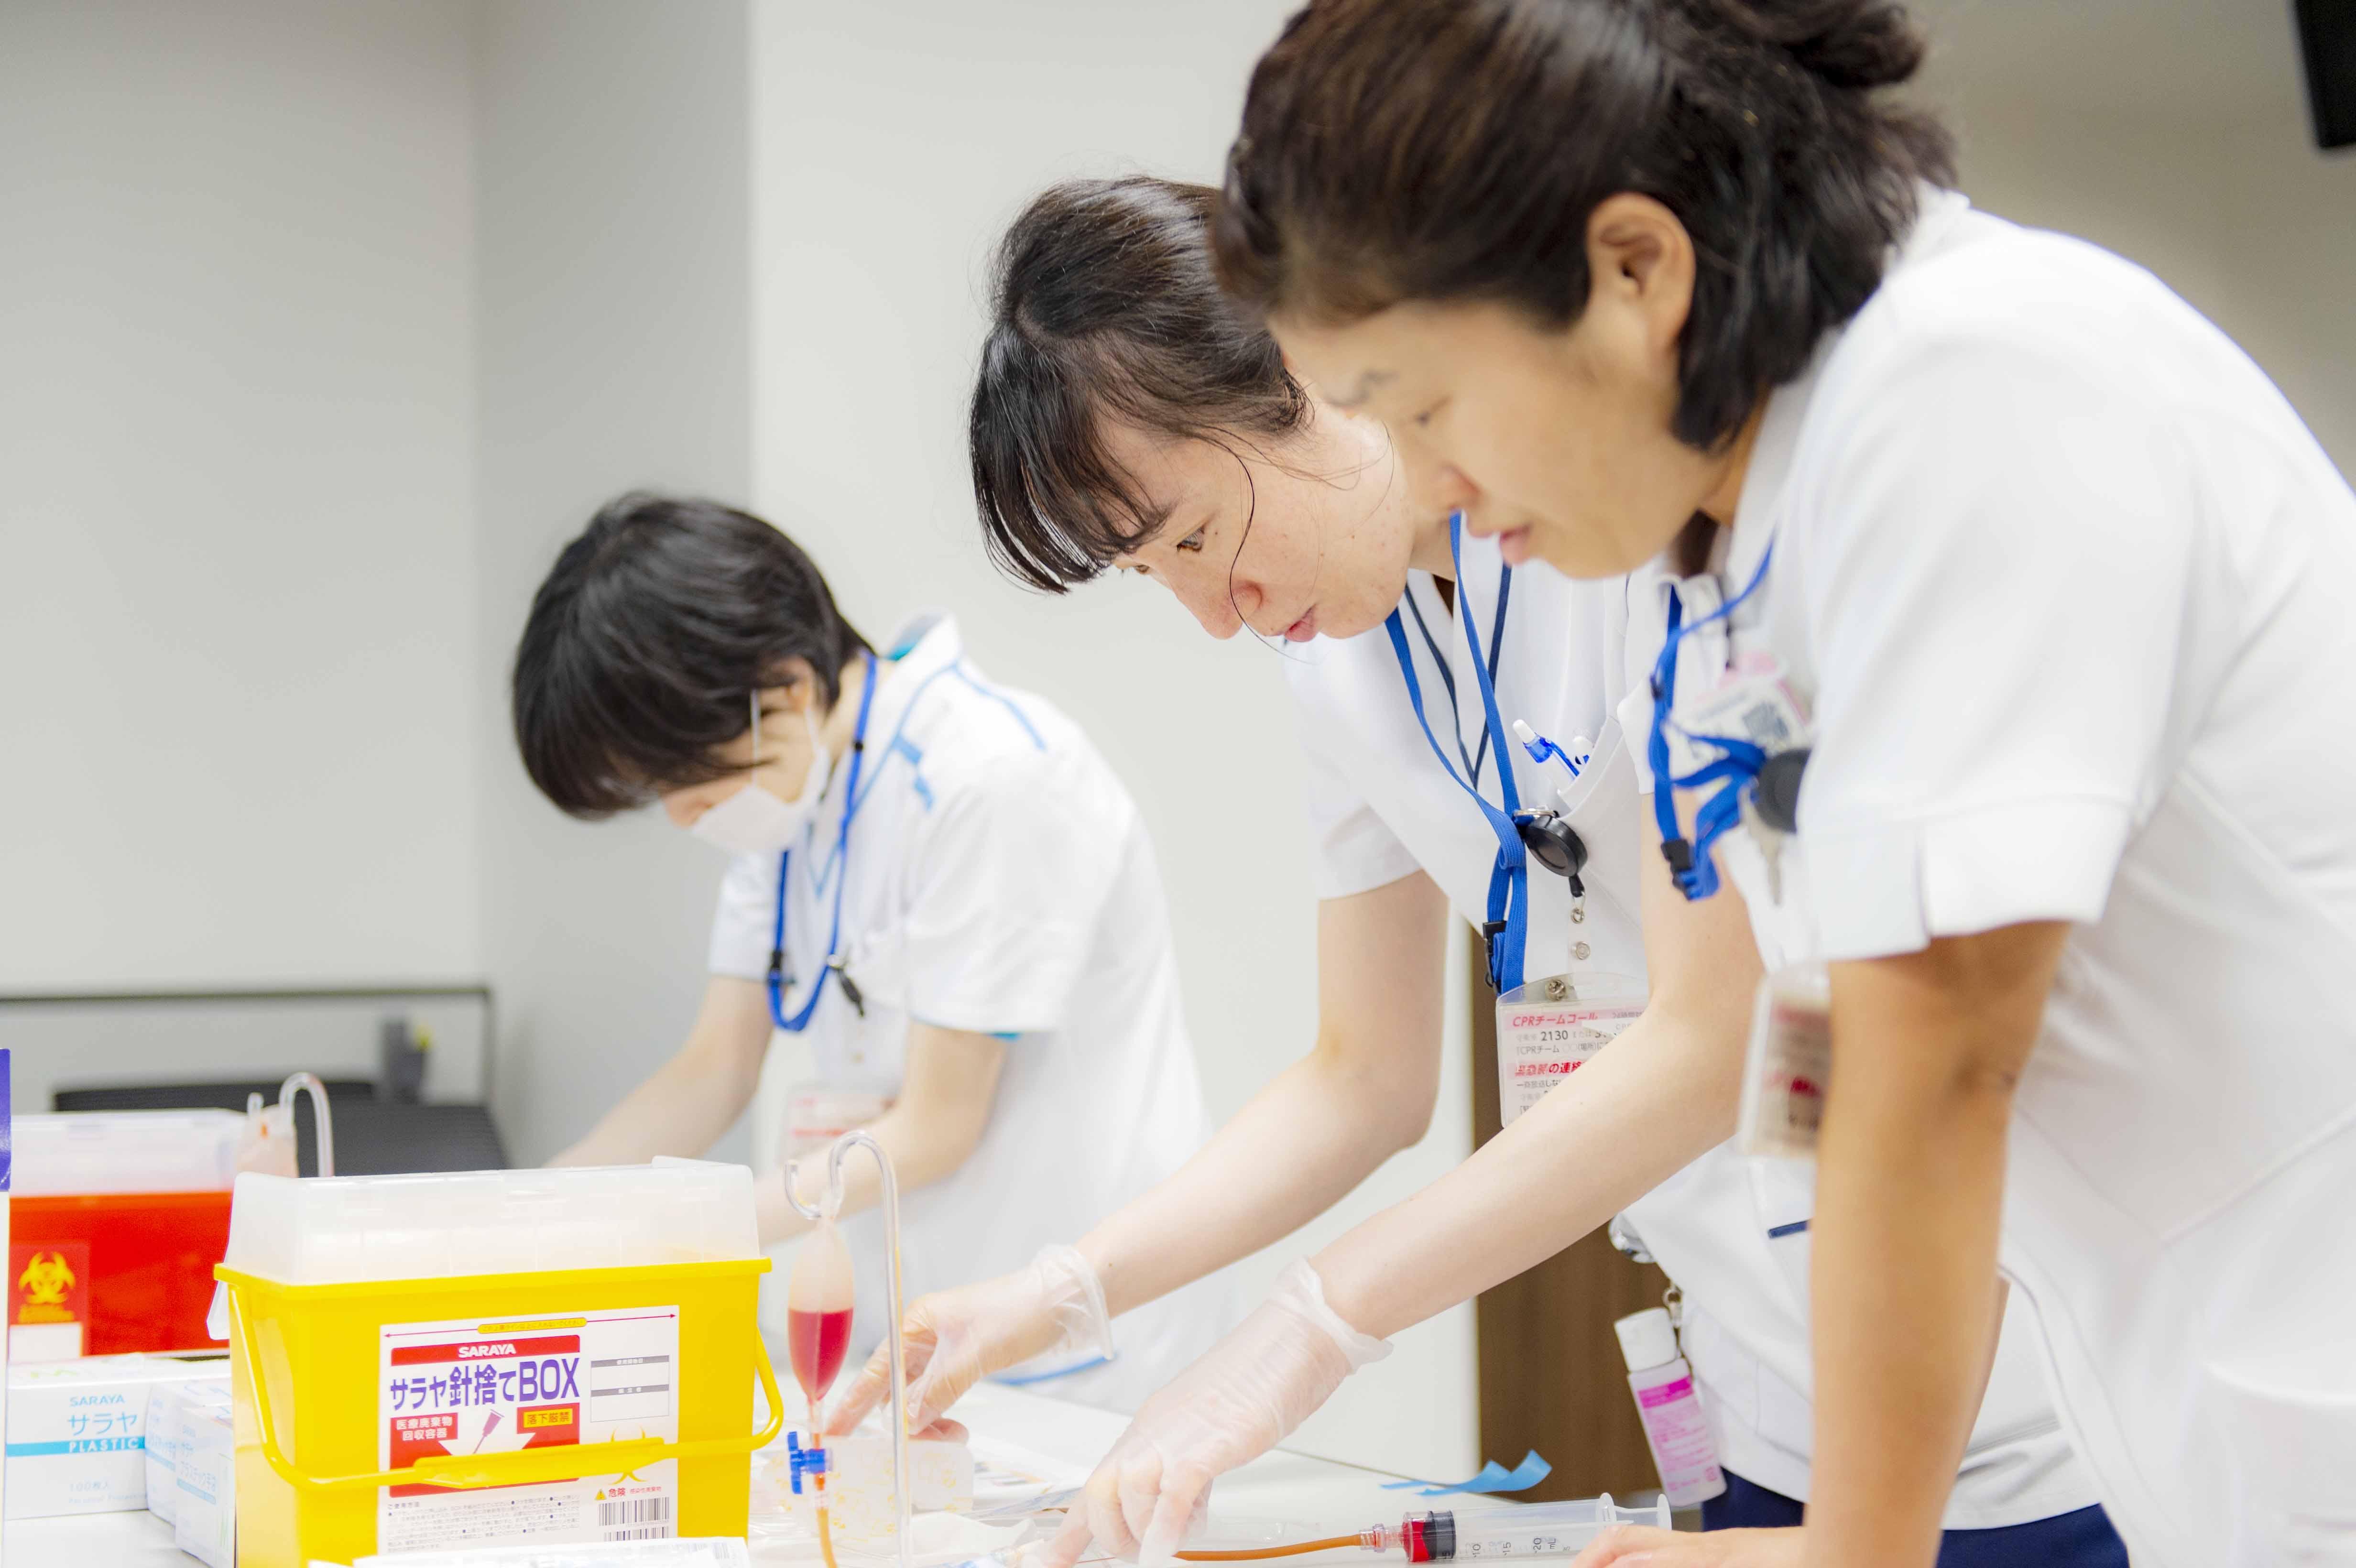 看護教育場面の写真